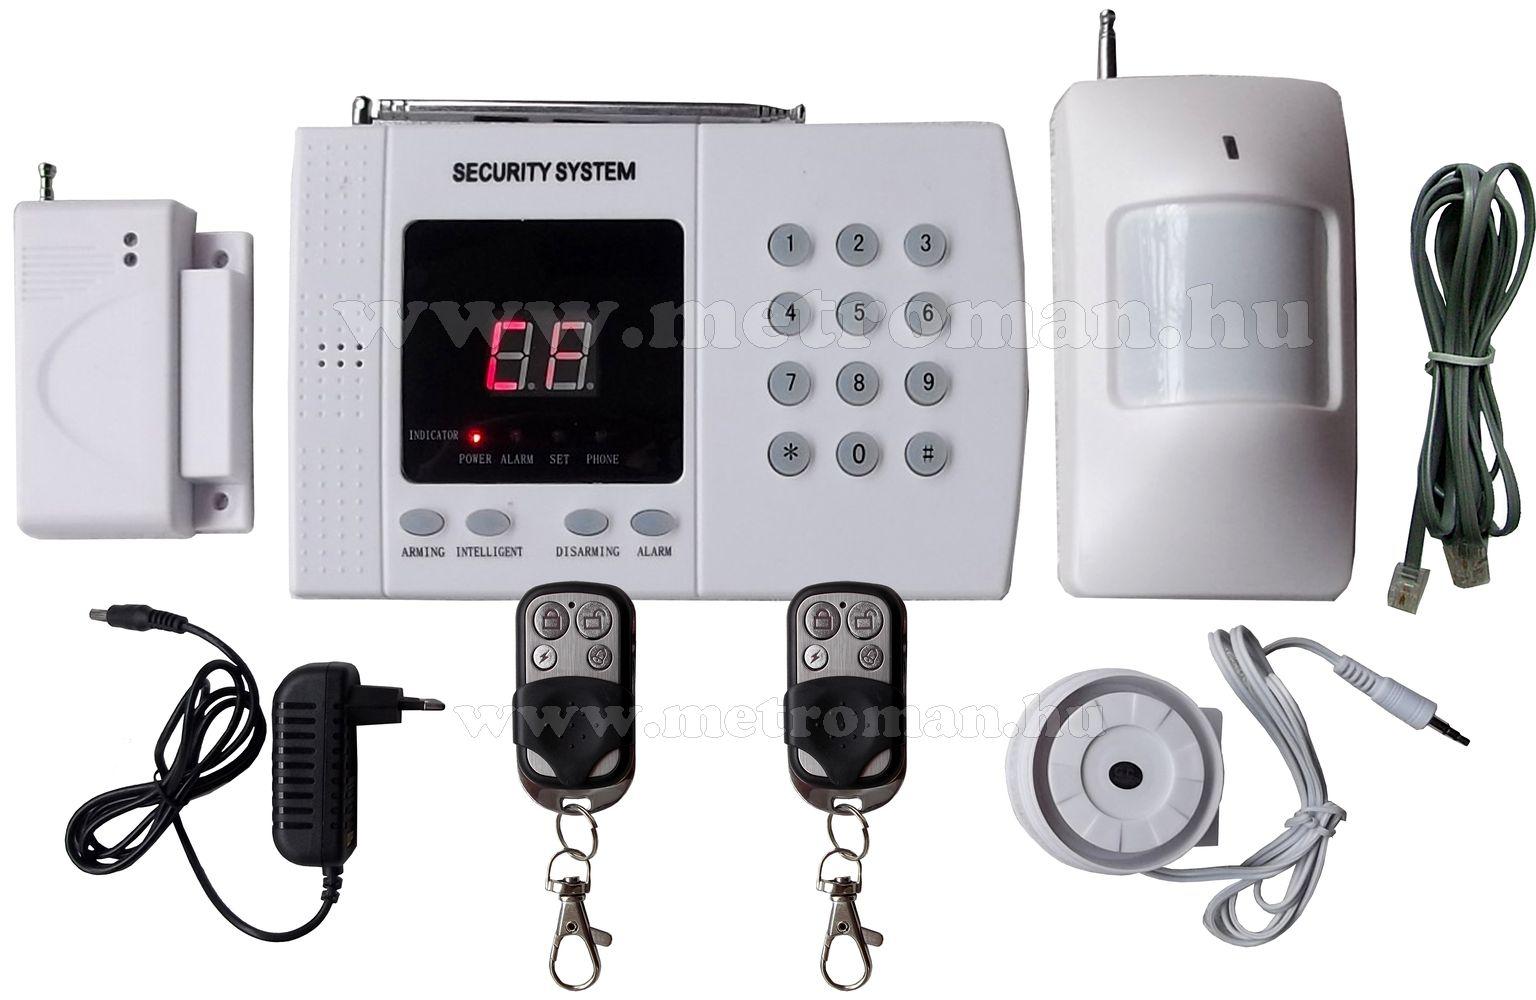 Vezeték nélküli lakásriasztó szett beépített telefonhívóval VIP-802